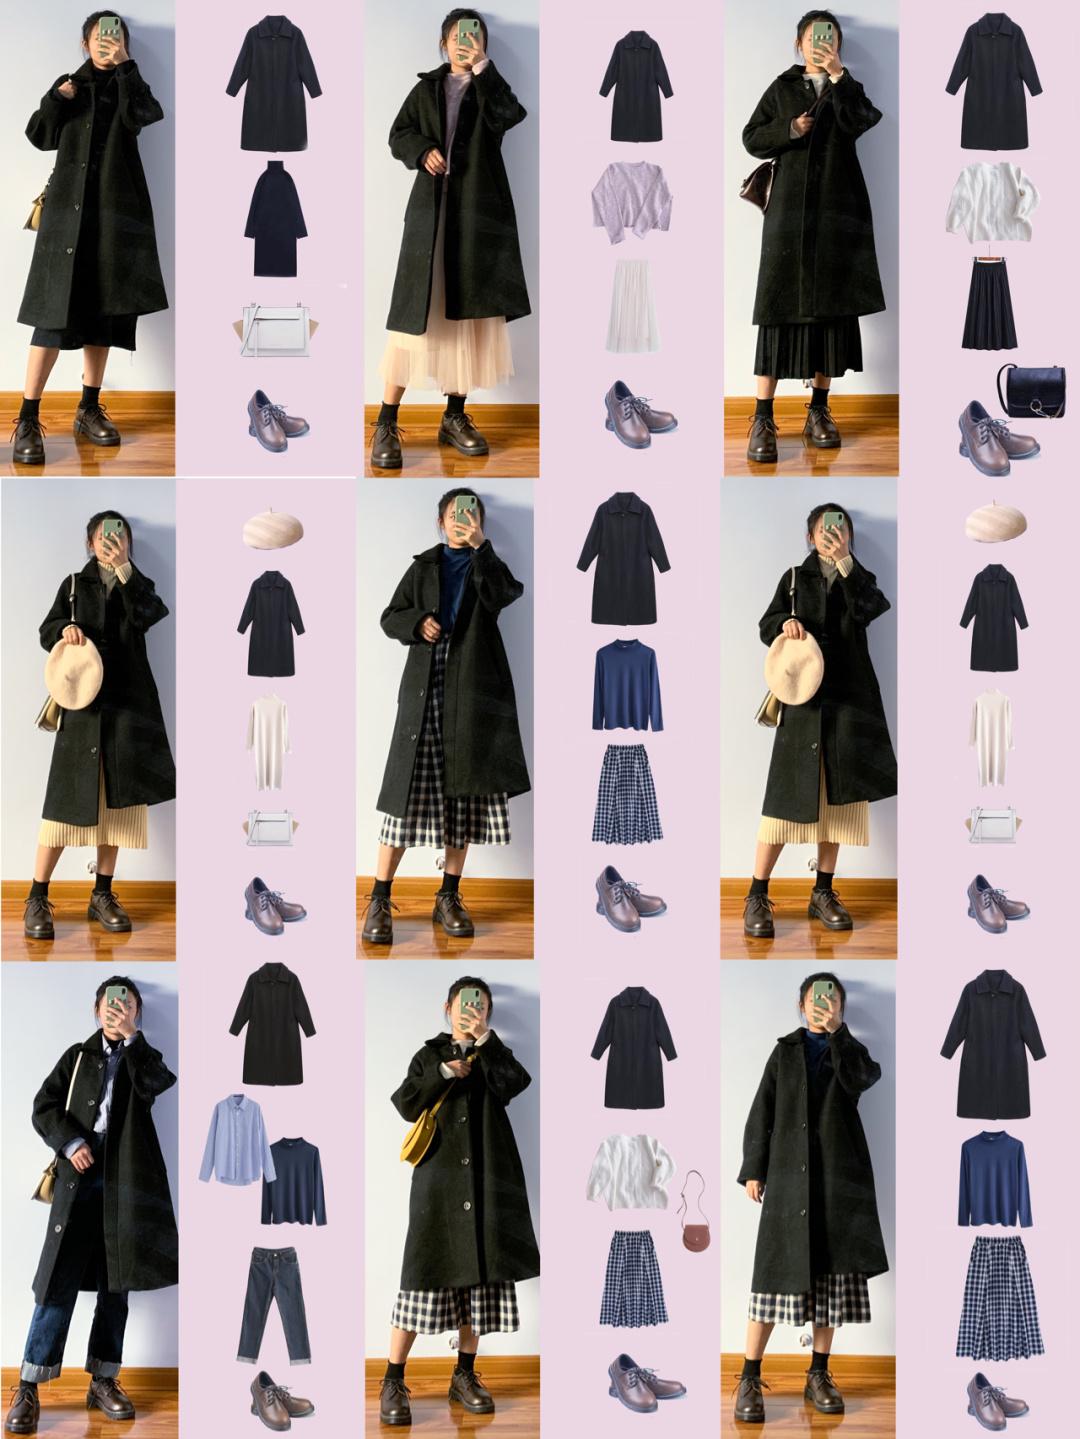 153cm平价黑色大衣一衣多穿 秋冬穿搭